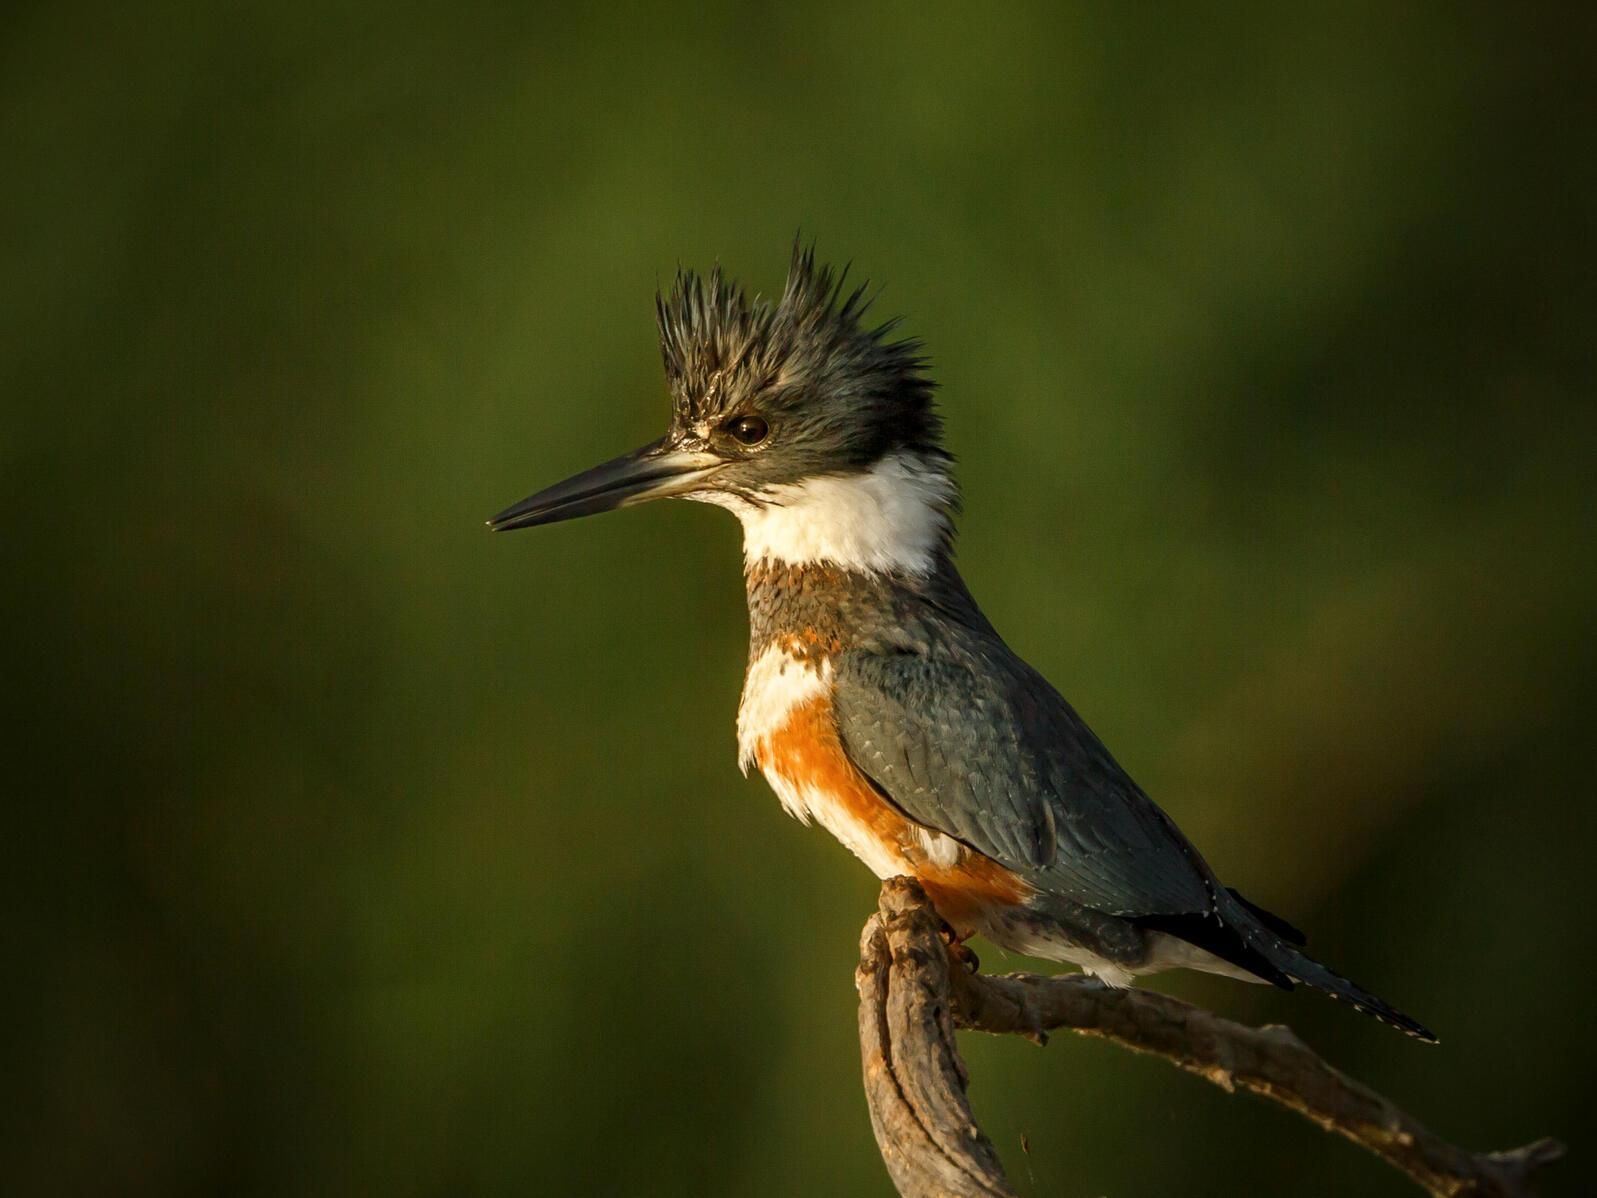 Belted Kingfisher. Jerry am Ende/Audubon Photography Awards